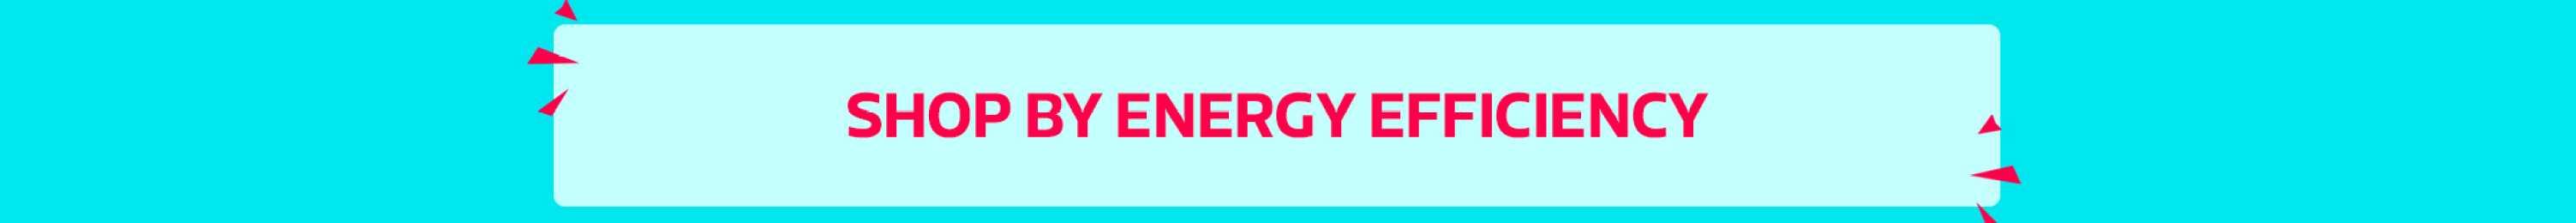 FKCD-4-DT-energy